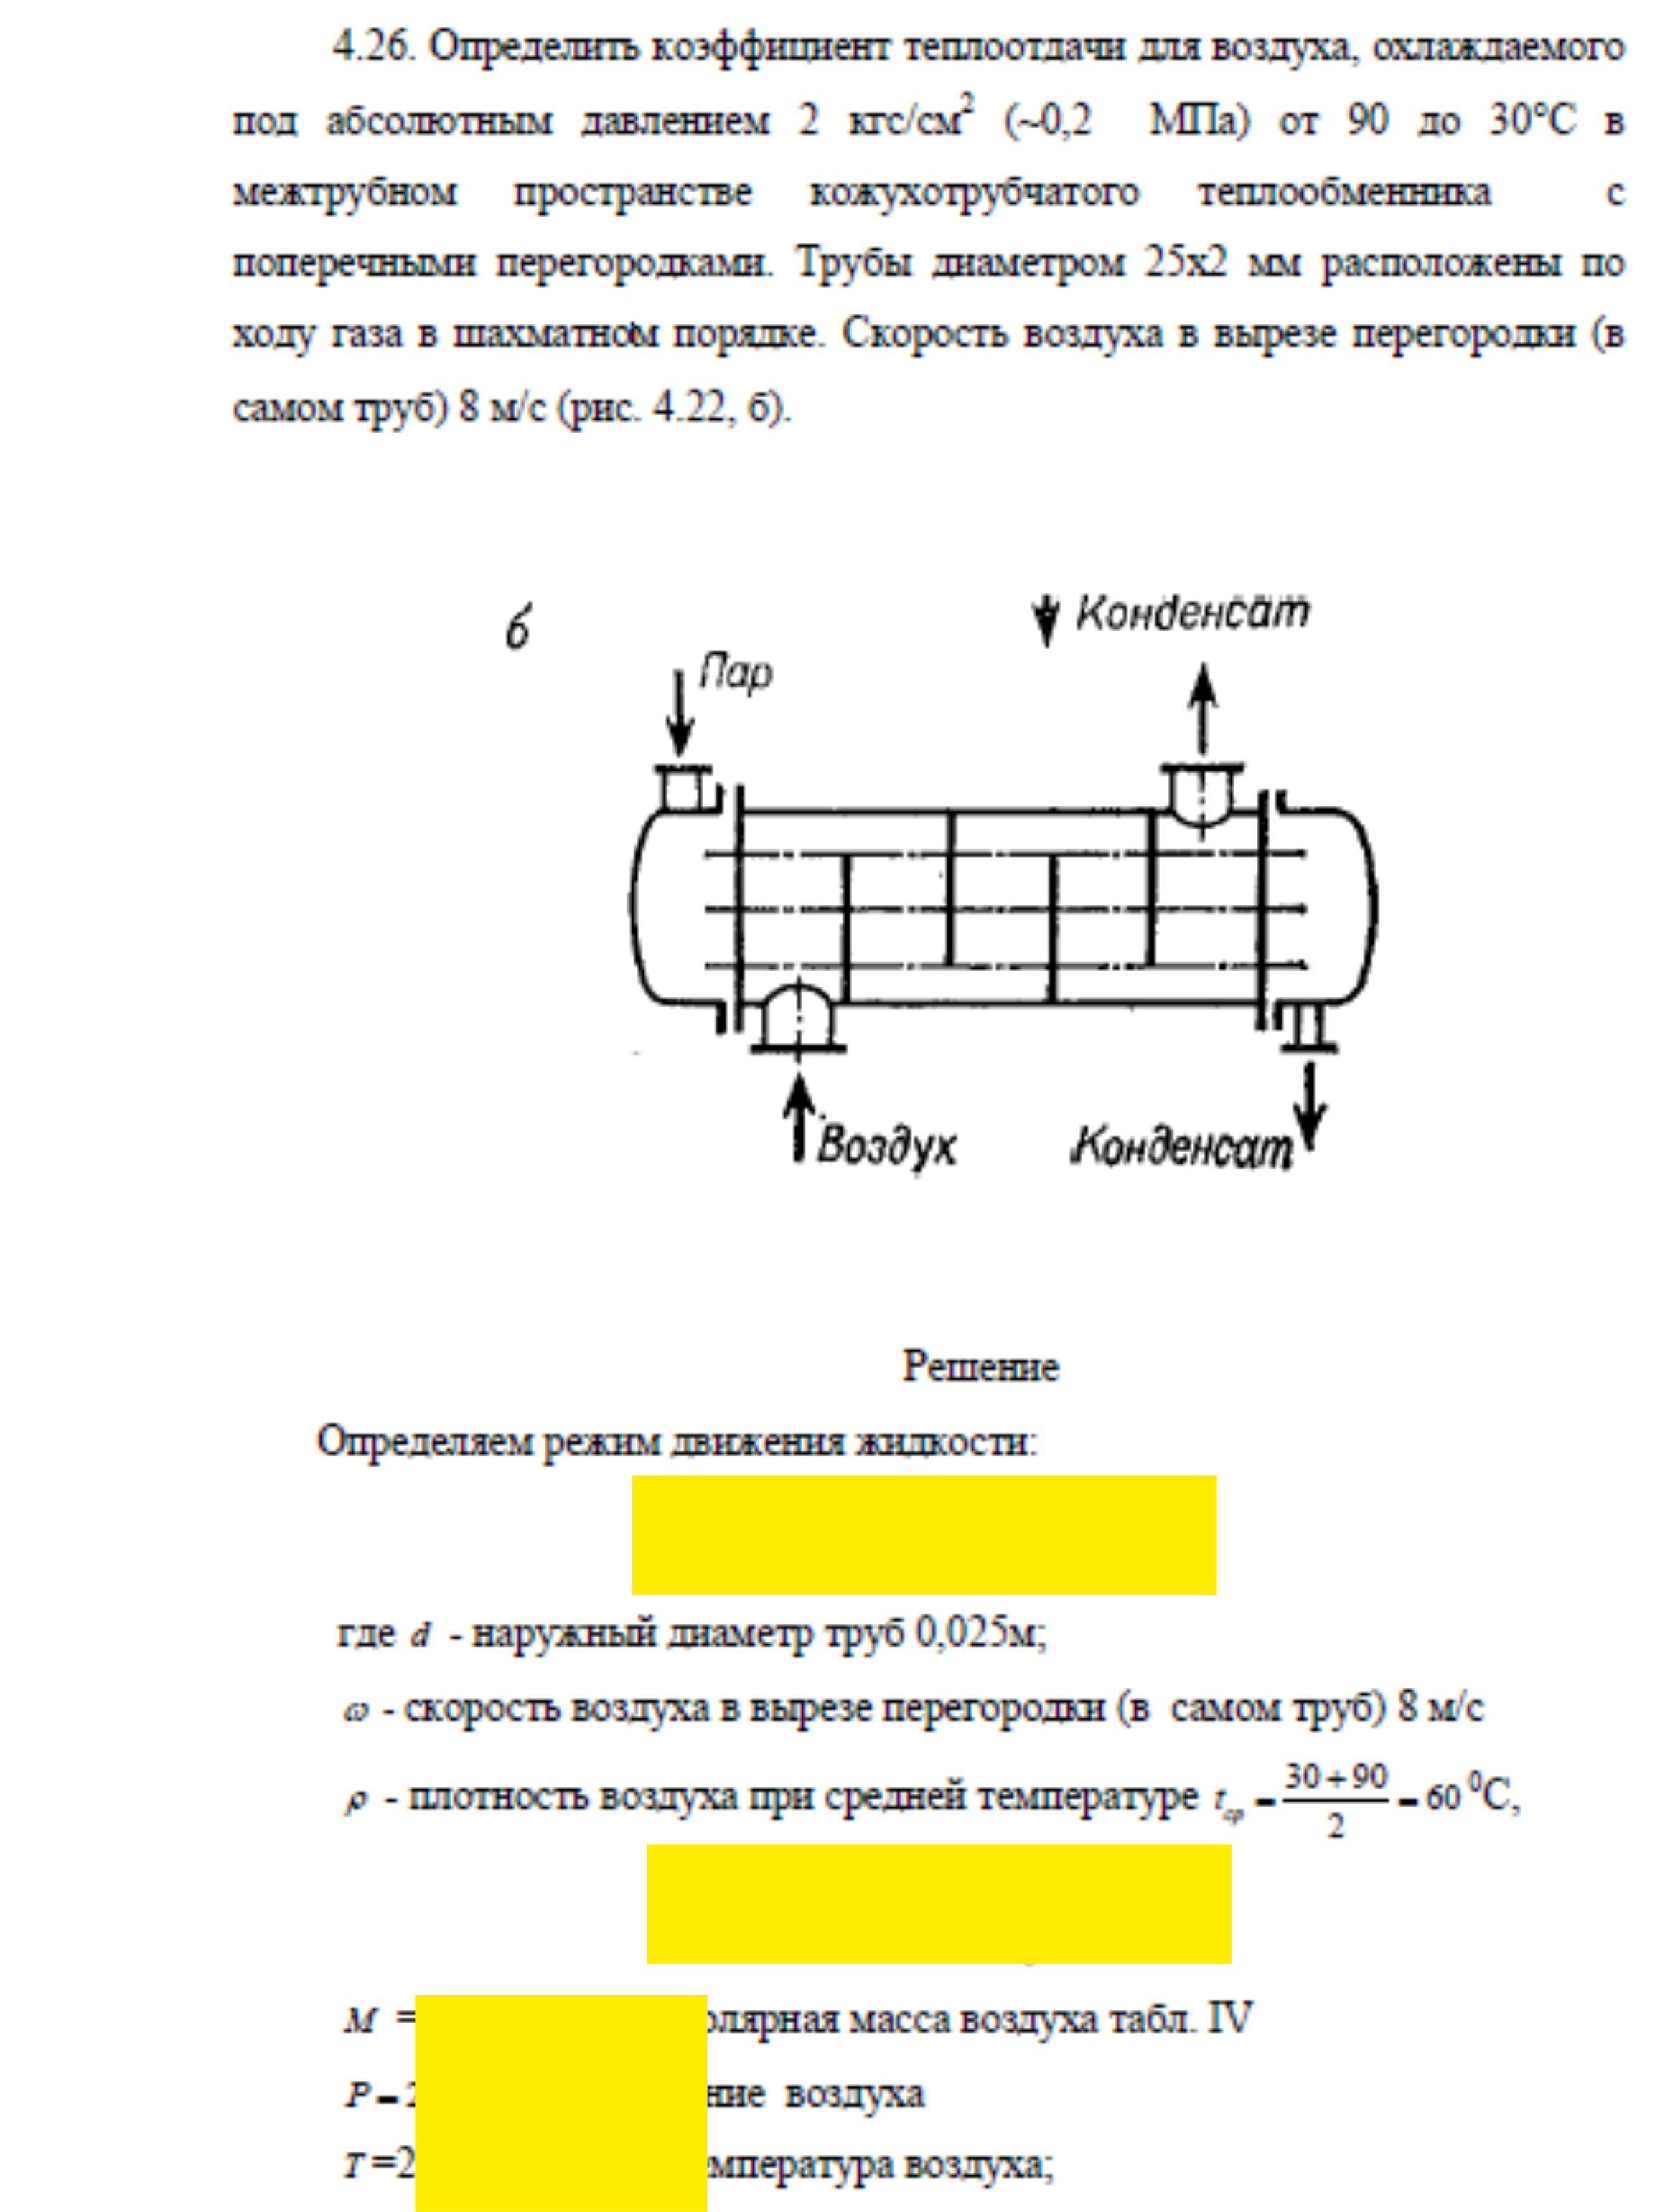 Решение задачи 4.26 по ПАХТ из задачника Павлова Романкова Носкова